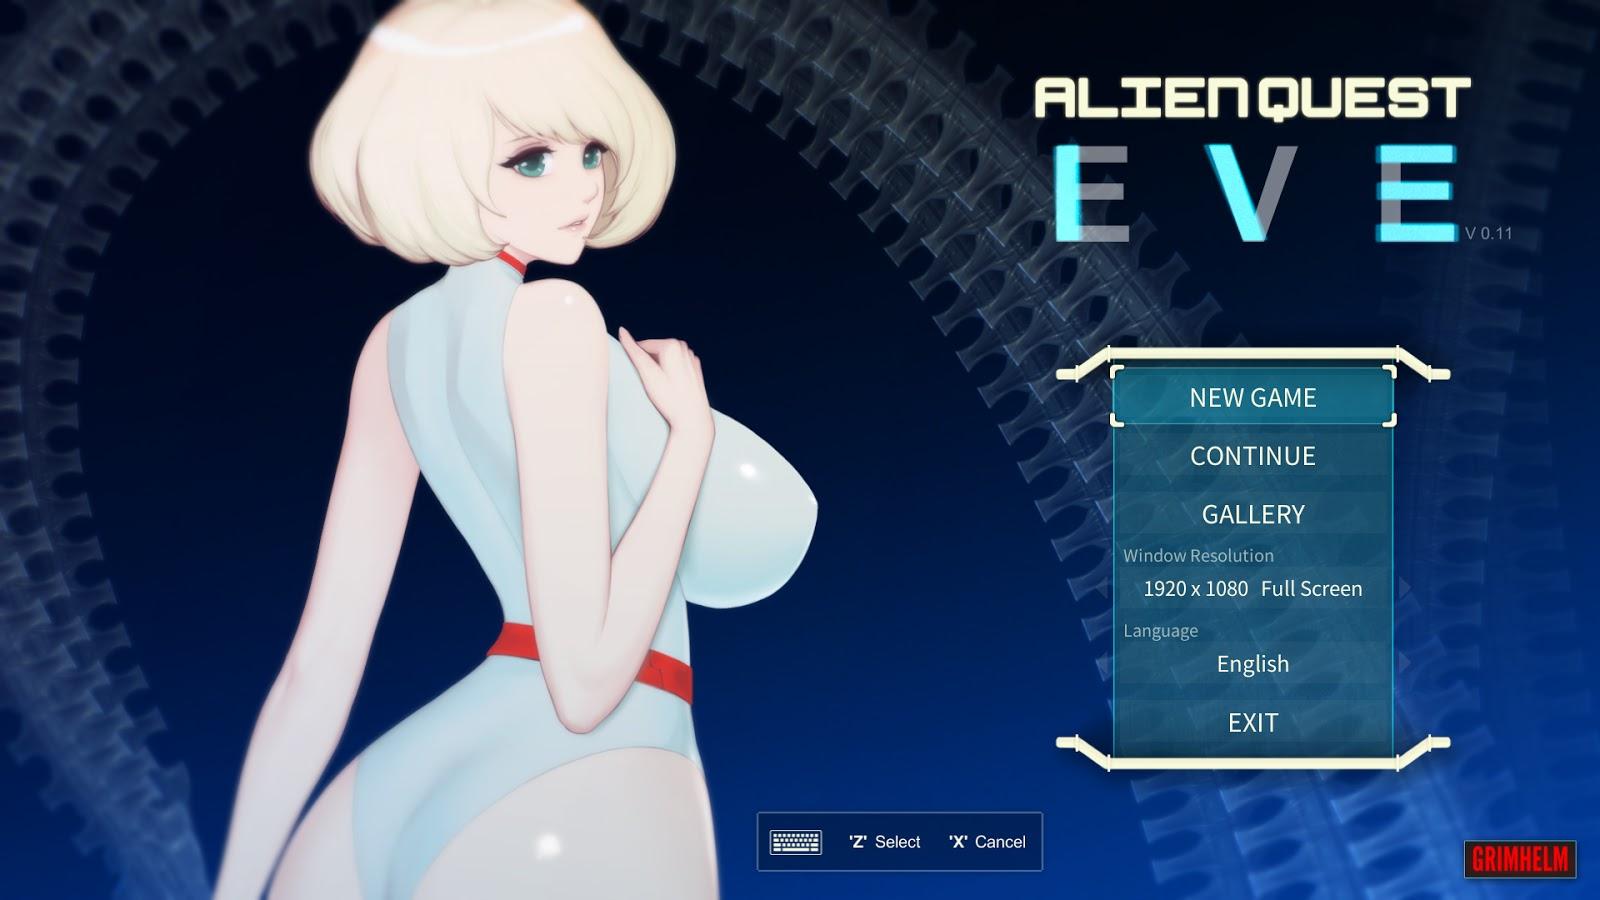 [H-GAME] Alien Quest: Eve V1.0 Uncensored English JP + Google Translate